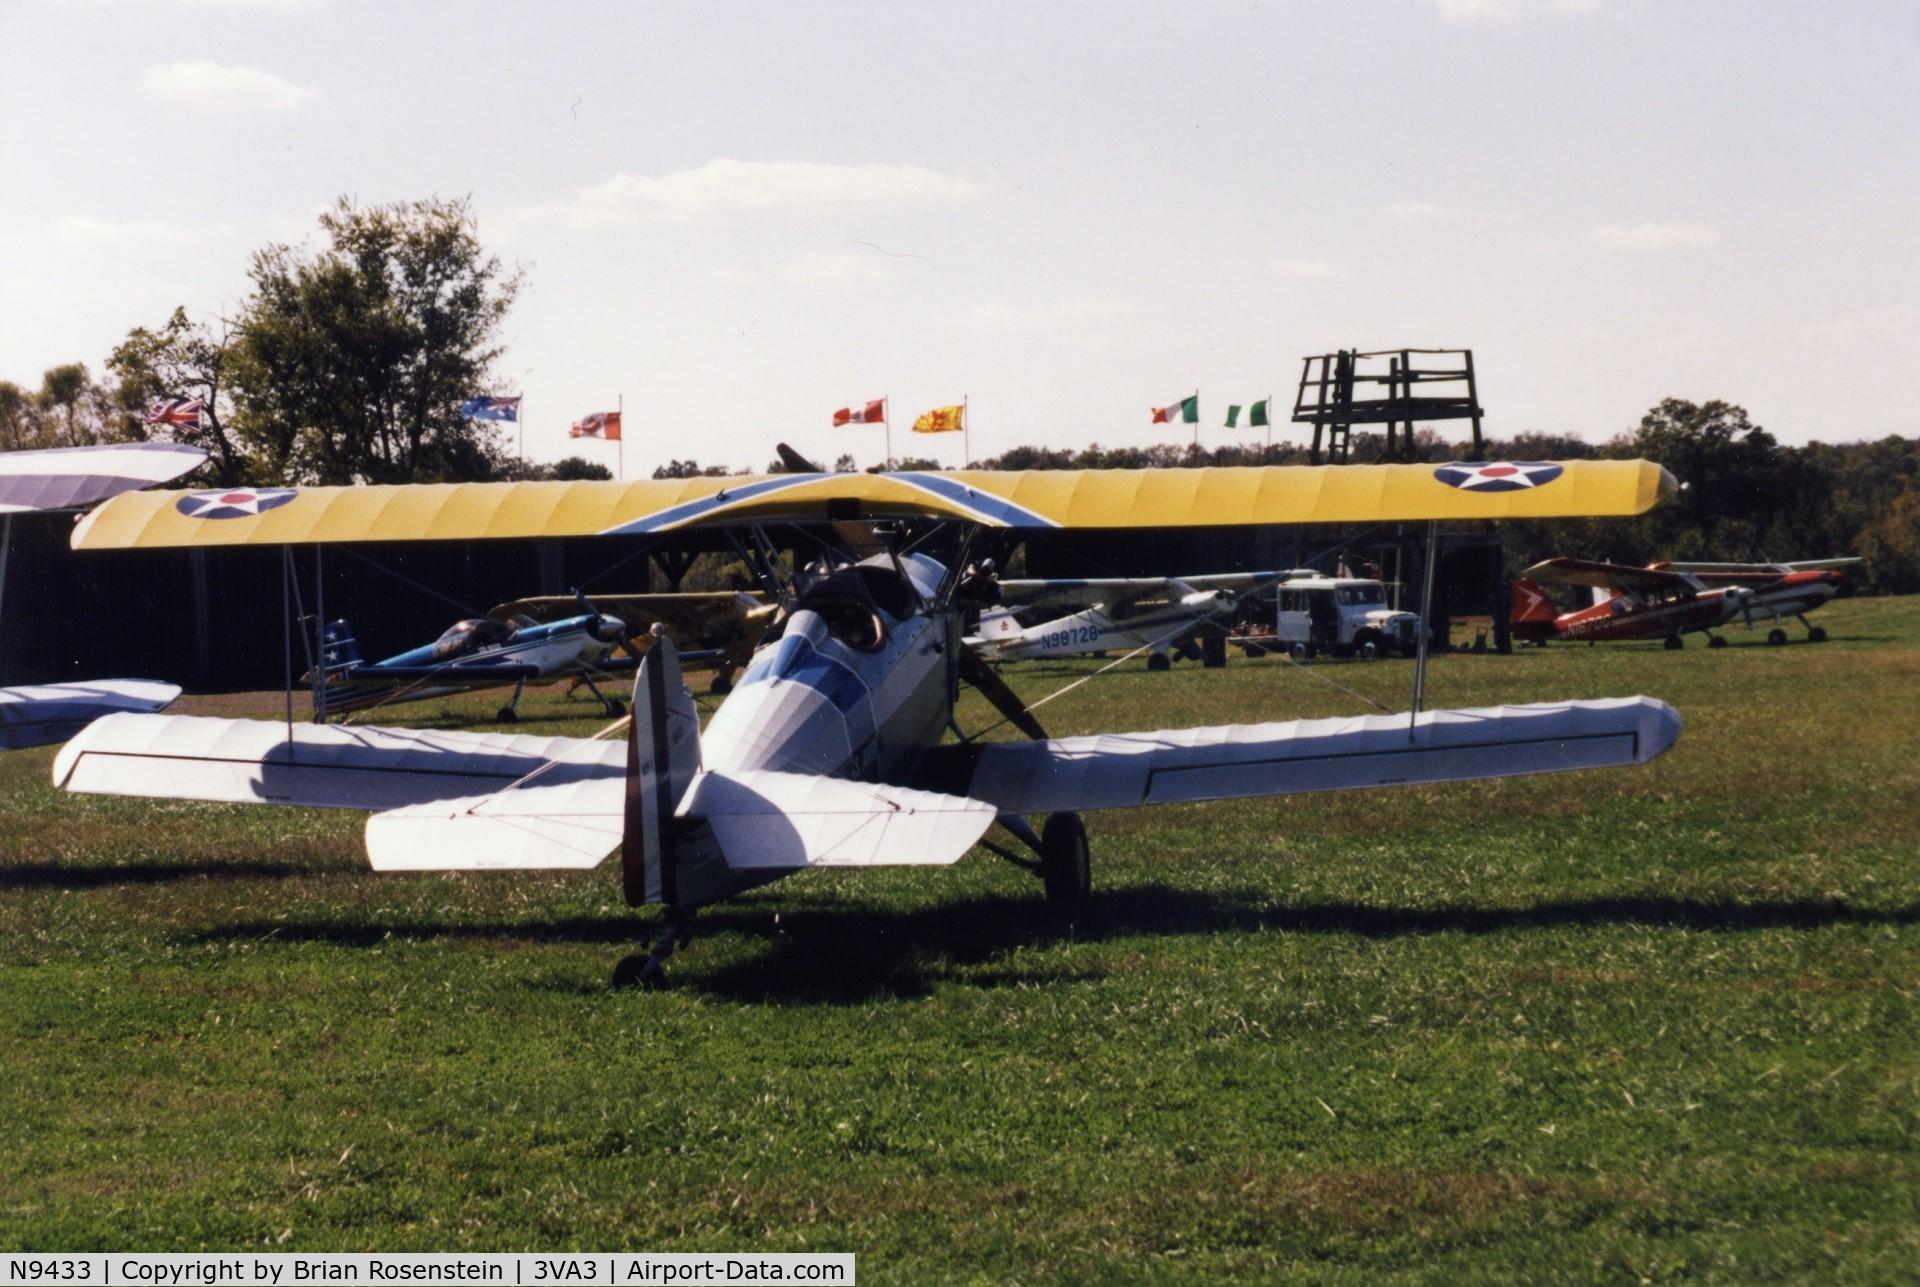 N9433, 1929 Fleet Model 7 C/N 81, at the flying circus in bealeton va